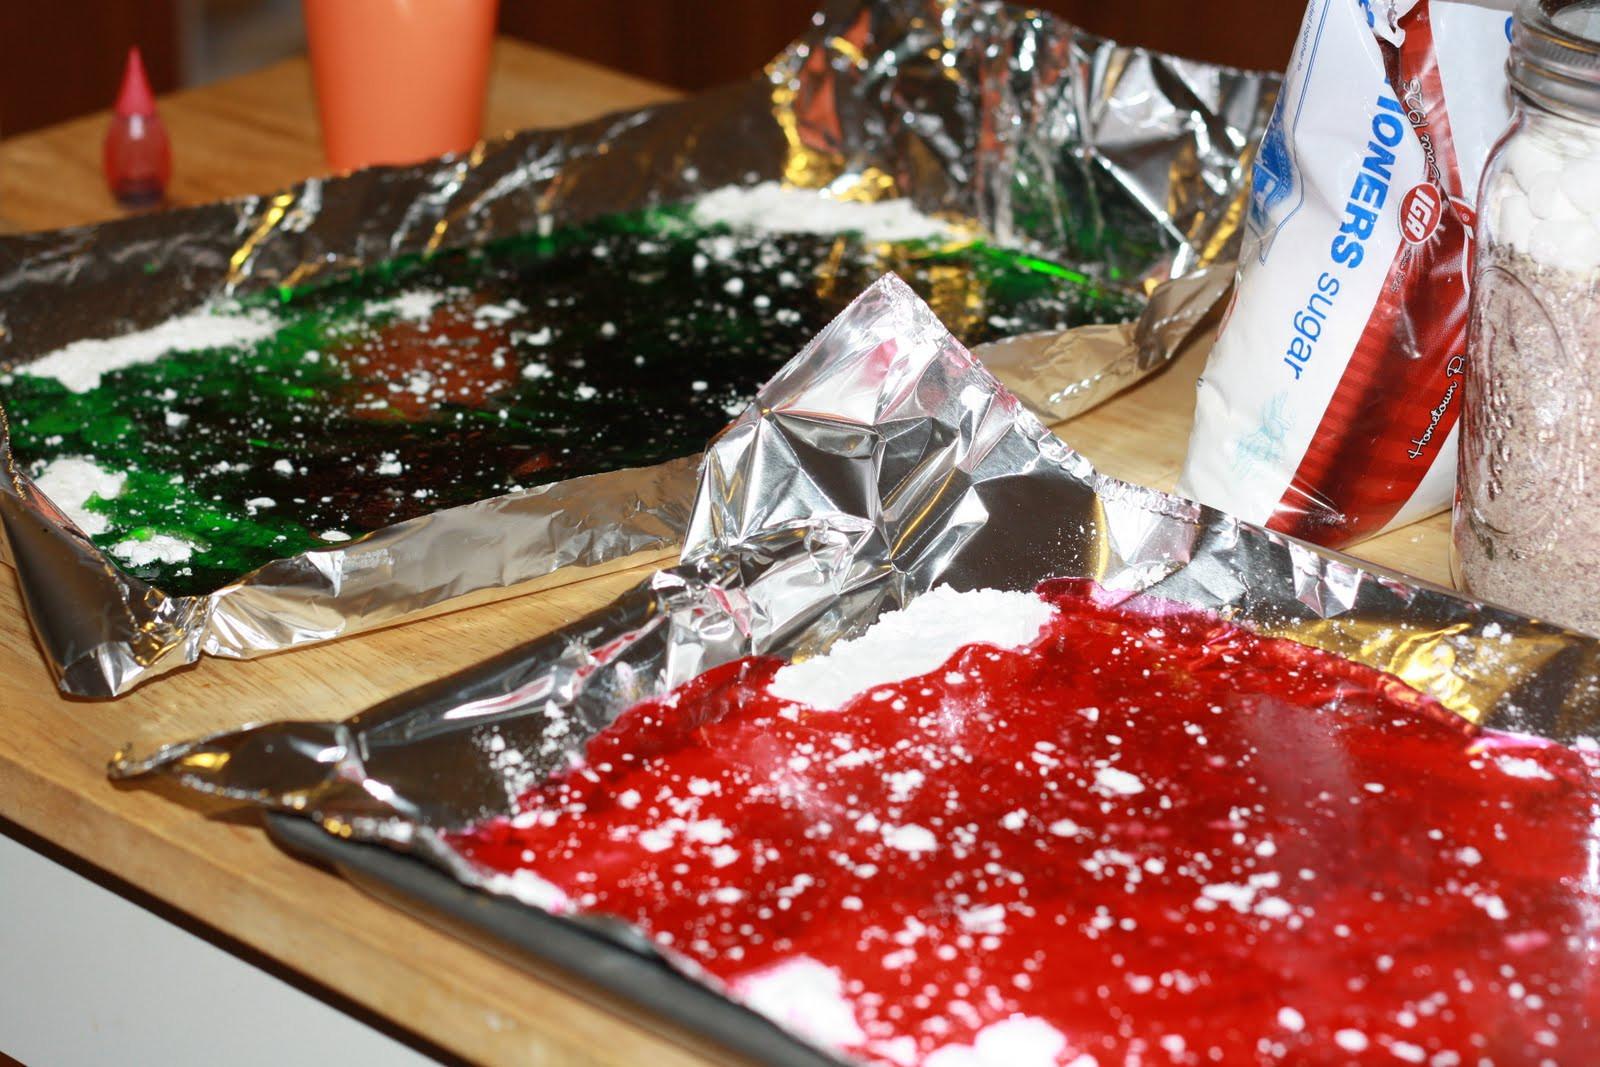 Hardrock Candy Christmas  Recipes Book Reviews Bzz Reporting etc Homemade